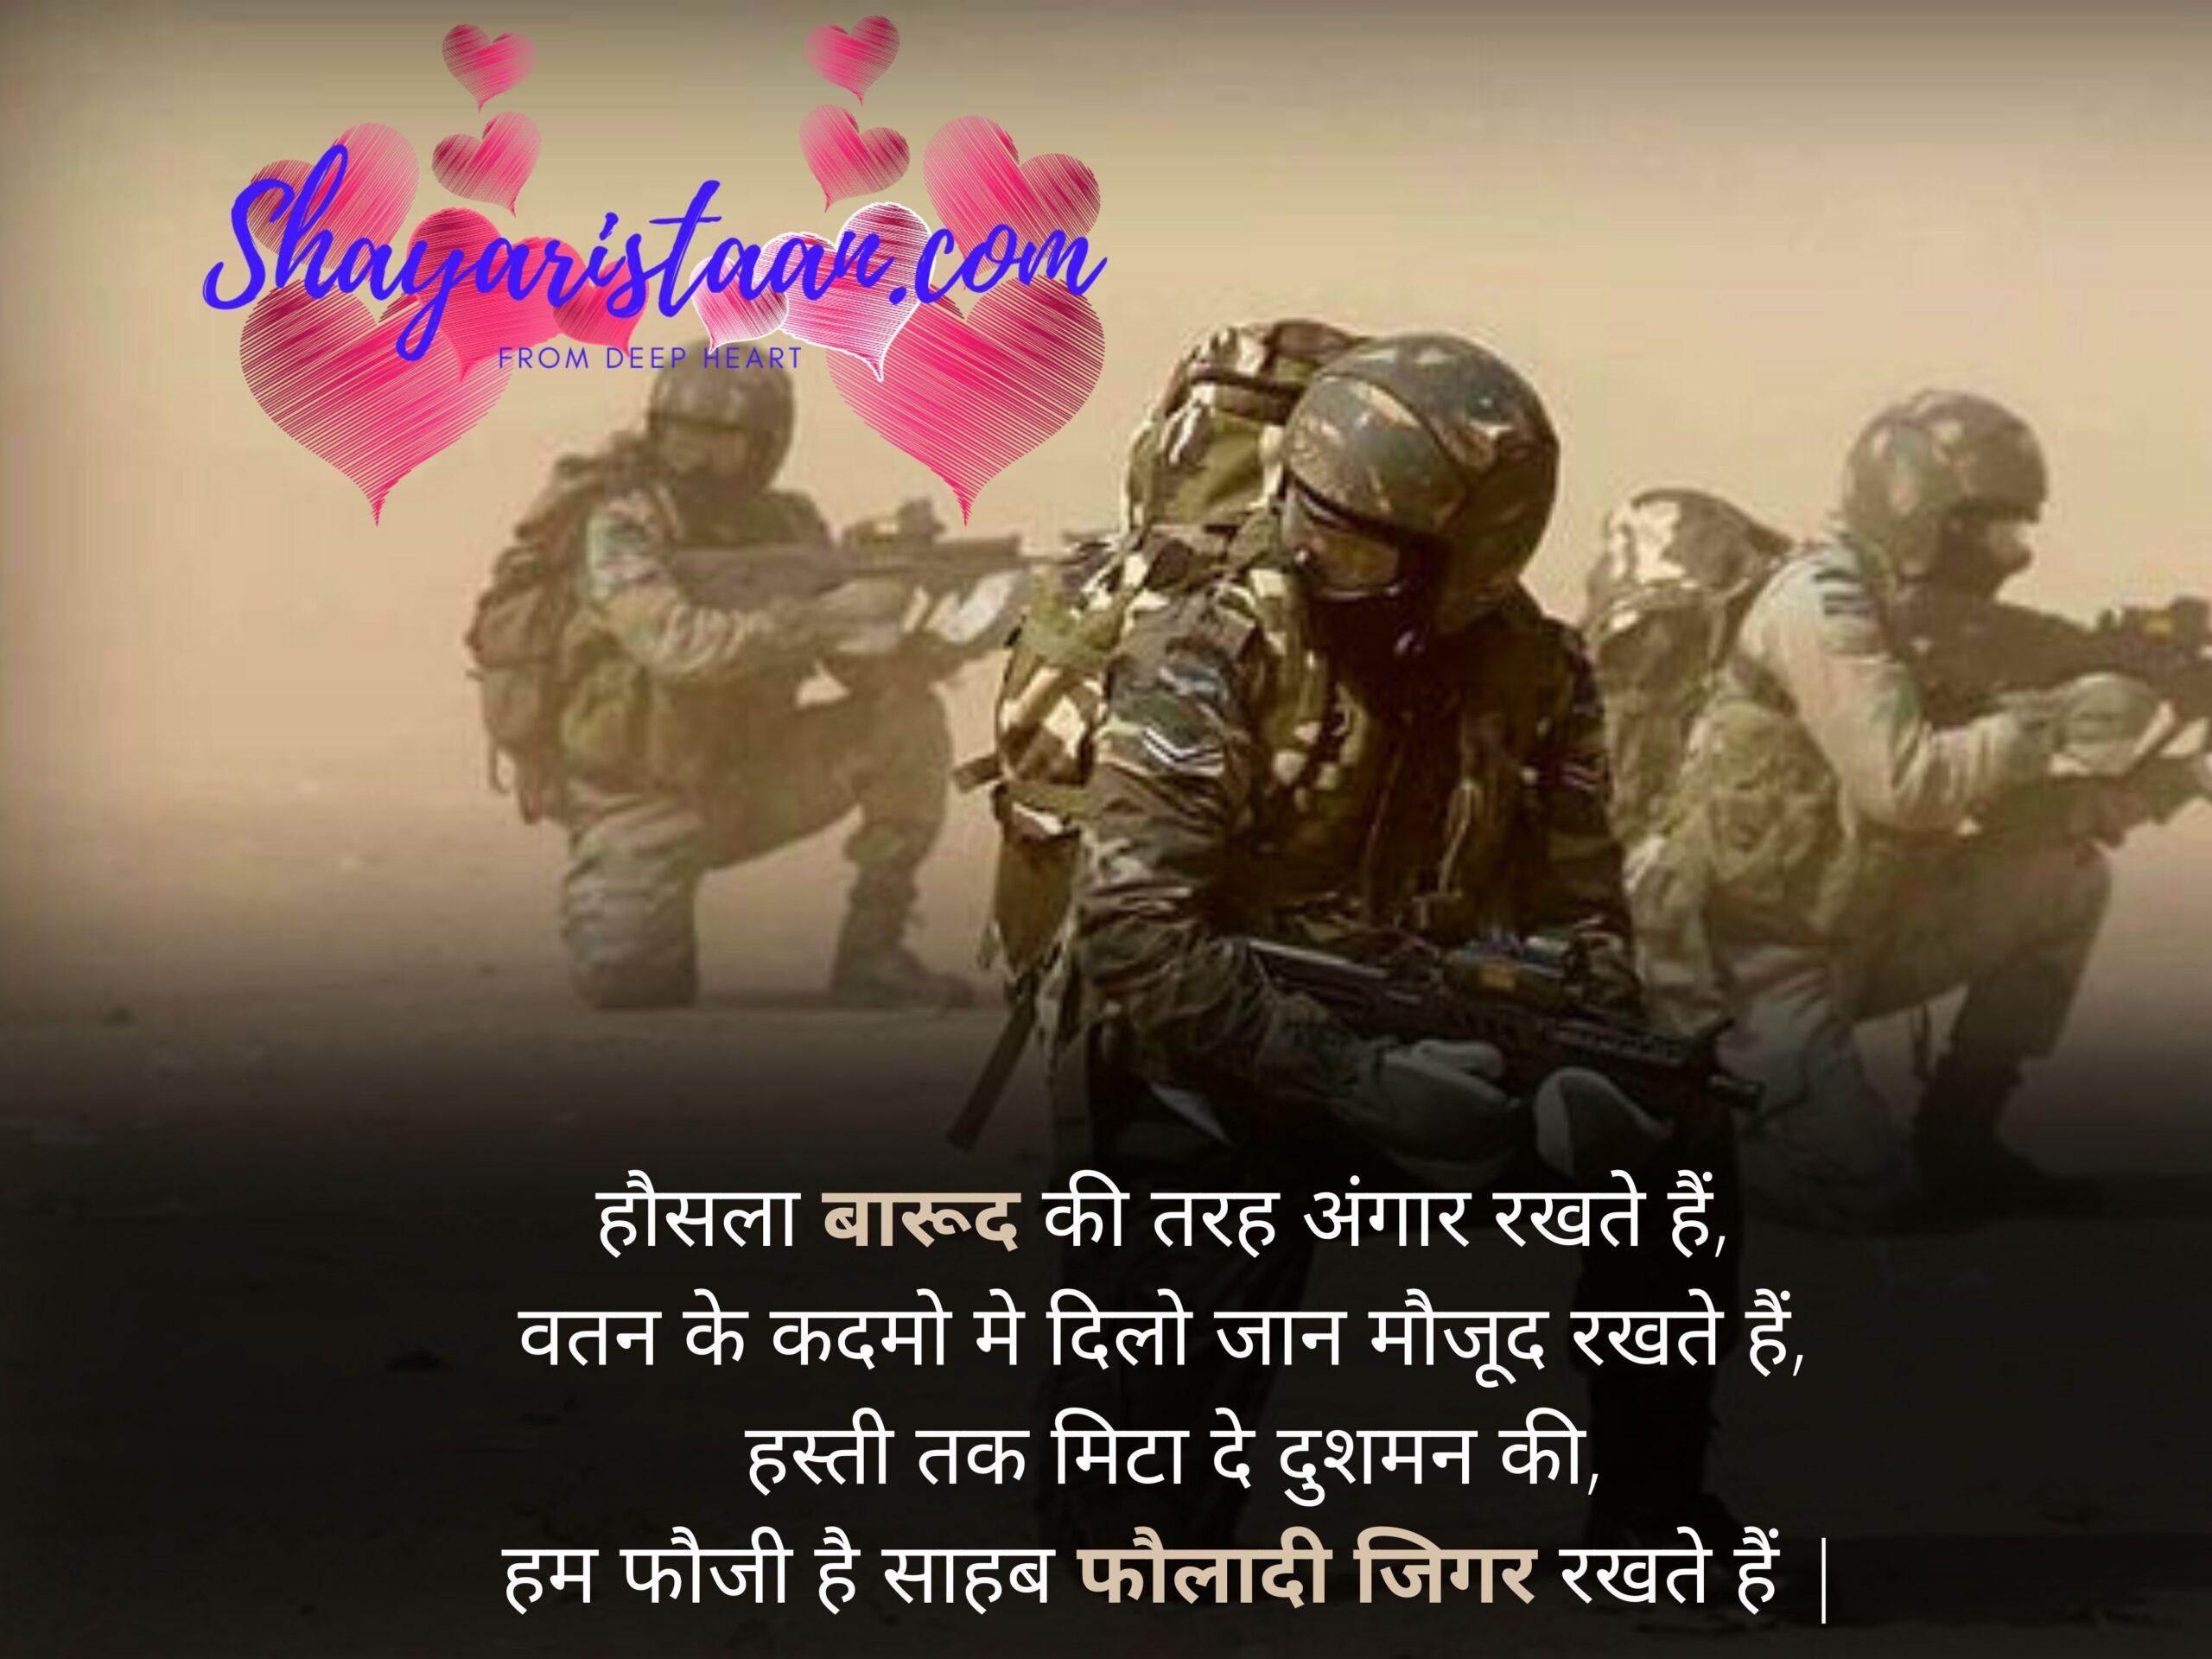 army lover photo | हौसला बारूद की तरह अंगार रखते हैं, वतन के कदमो मे दिलो जान मौजूद रखते हैं, हस्ती तक मिटा दे दुशमन की, हम फौजी है साहब फौलादी जिगर रखते हैं |